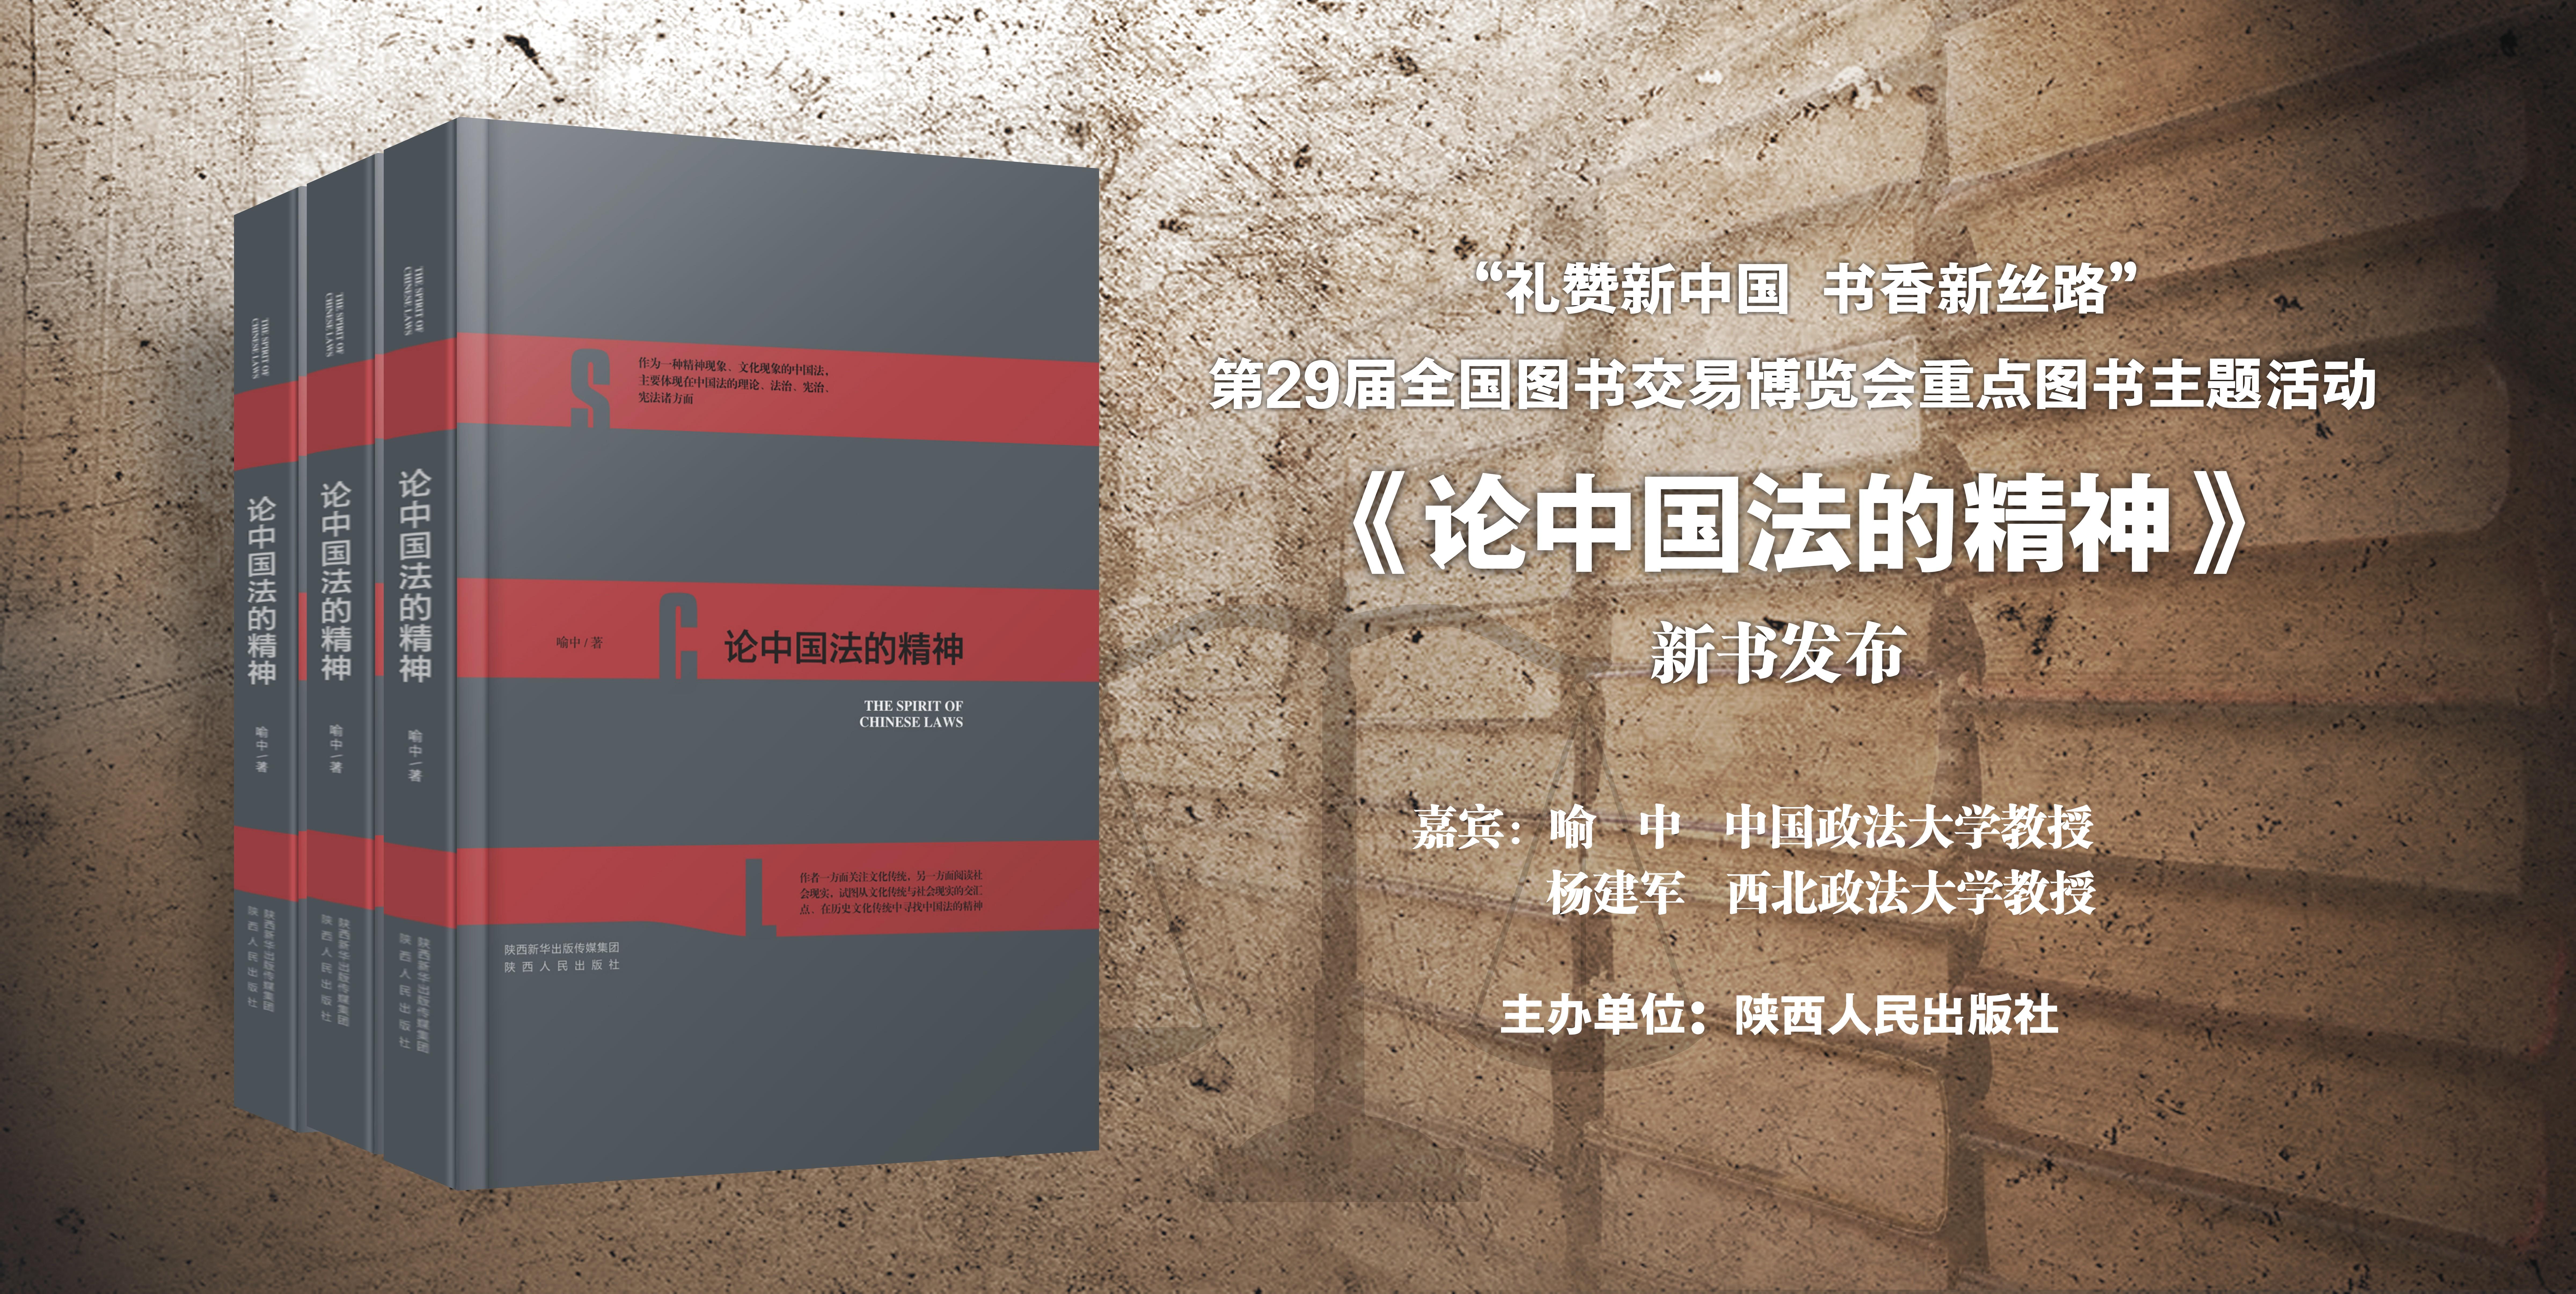 喻中教授《論中國法的精神》亮相全國書博會